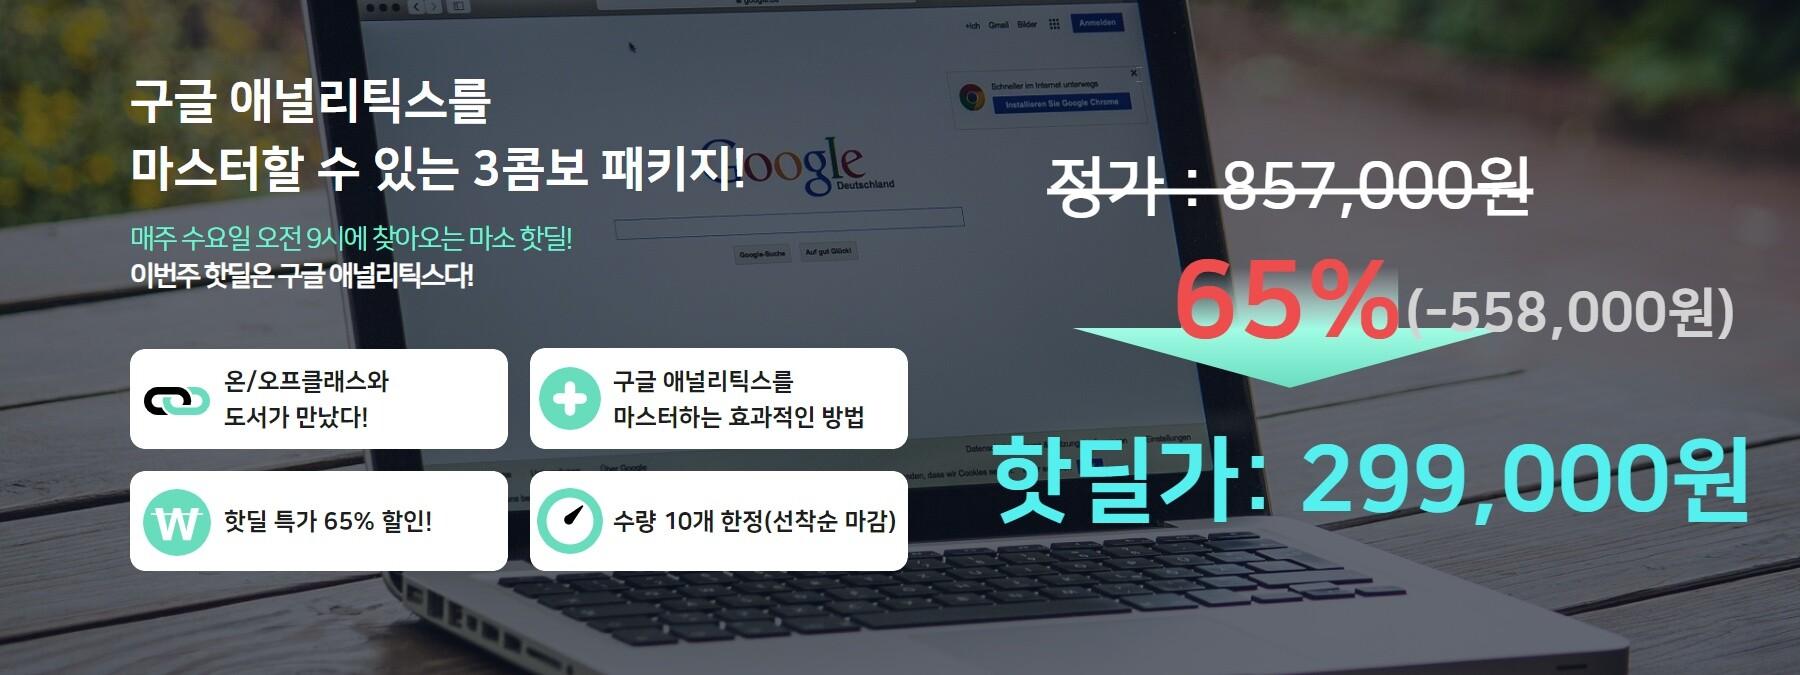 ★마소핫딜★ 구글 애널리틱스 완전정복 패키지